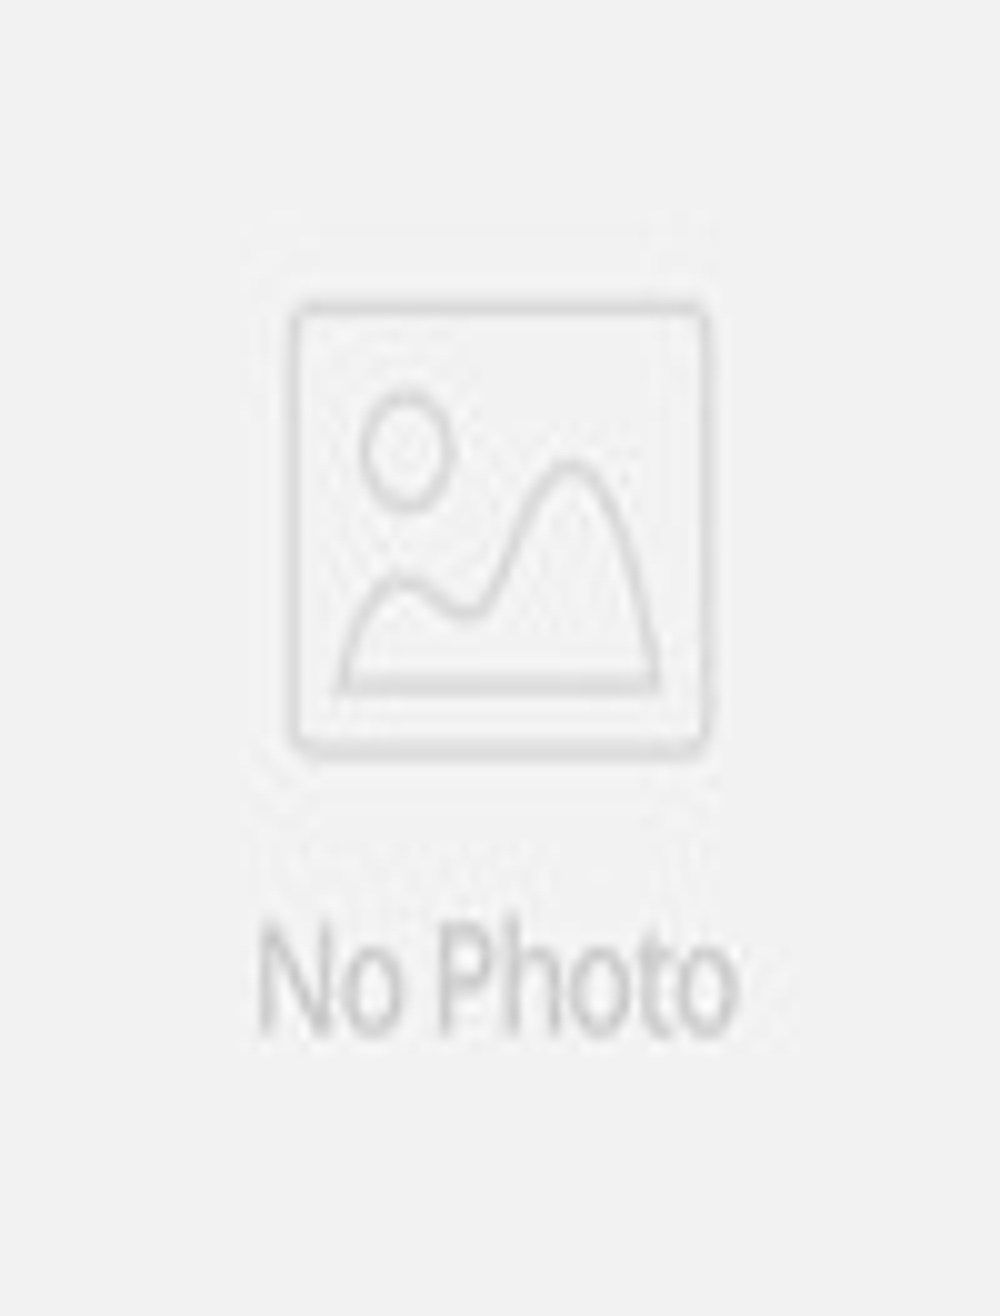 Black Suit Black Shirt Black Bow Tie